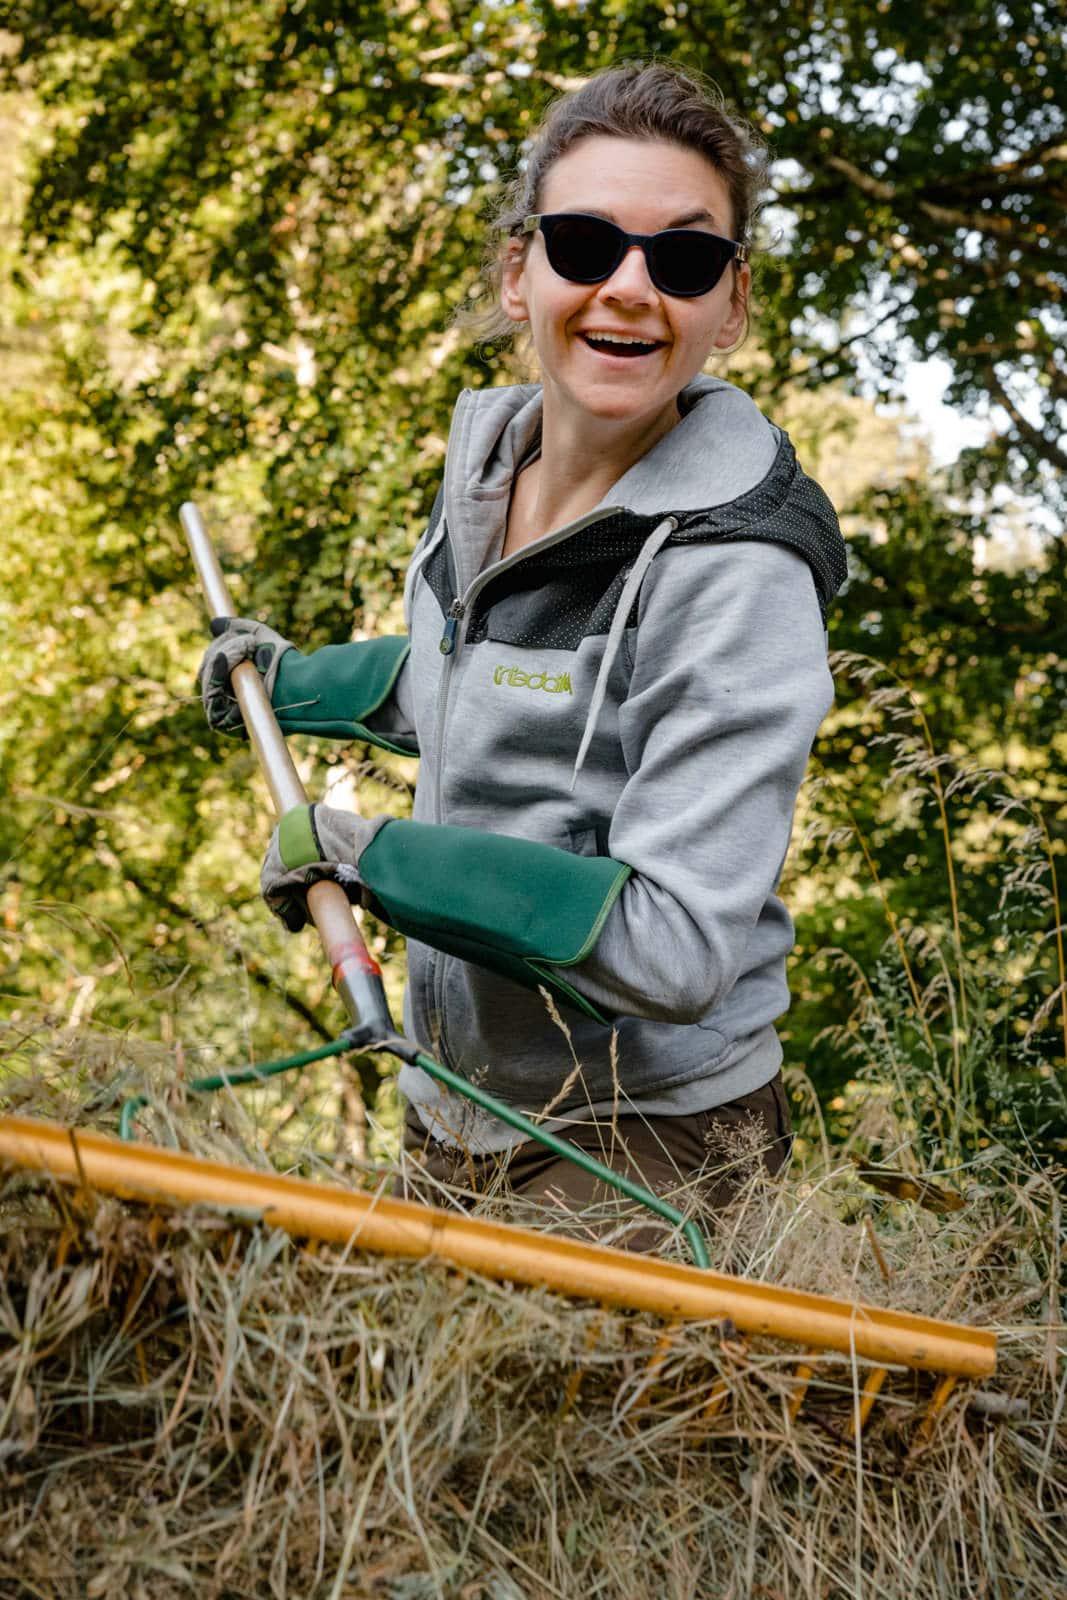 Frau recht Heu mit rechen auf einer Sommerwiese zusammen